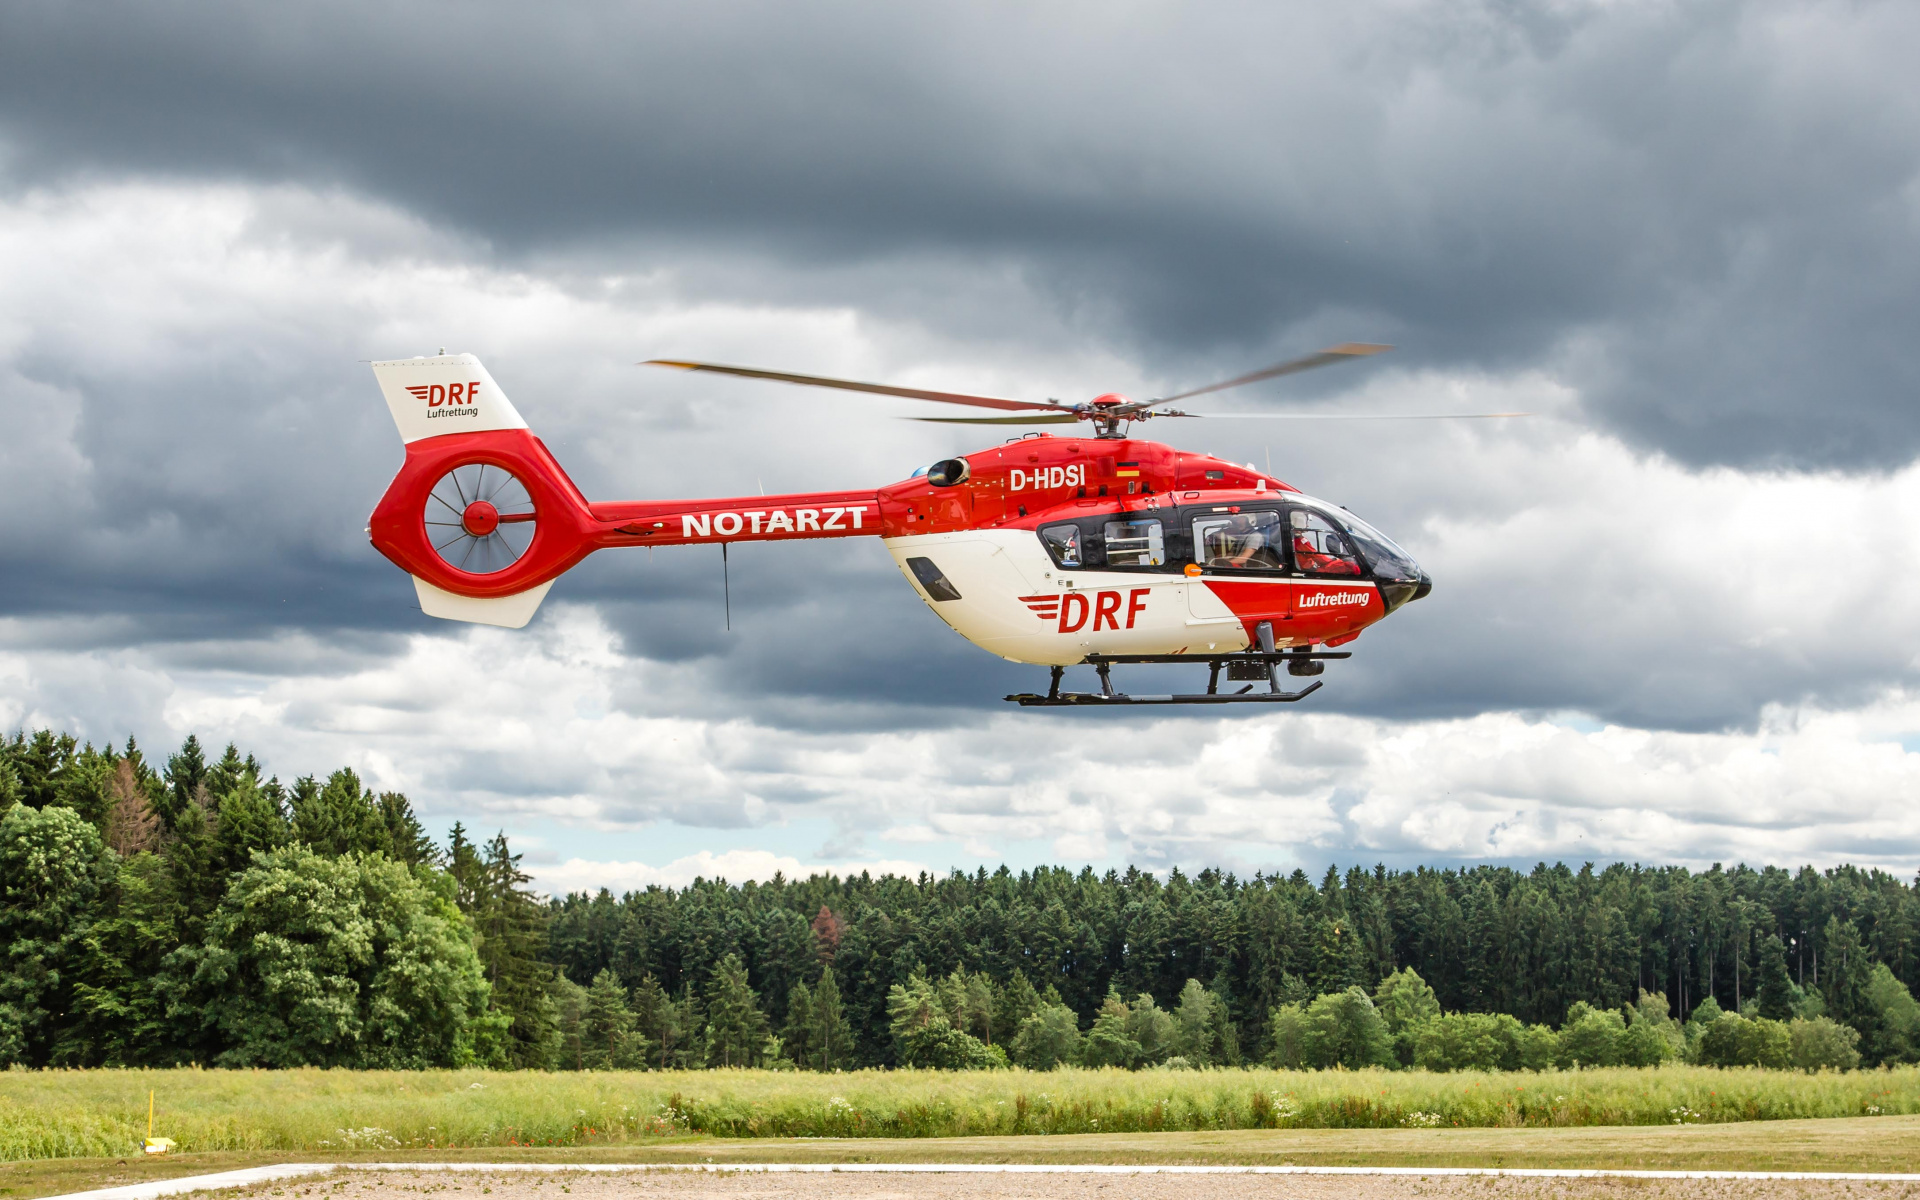 Die Hubschrauber der DRF Luftrettung sind mit 250 km/h unterwegs und unschlagbar schnell am Einsatzort. Erleidet jedoch jemand einen Herzstillstand, benötigen die Luftretter die Hilfe der Menschen am Boden.